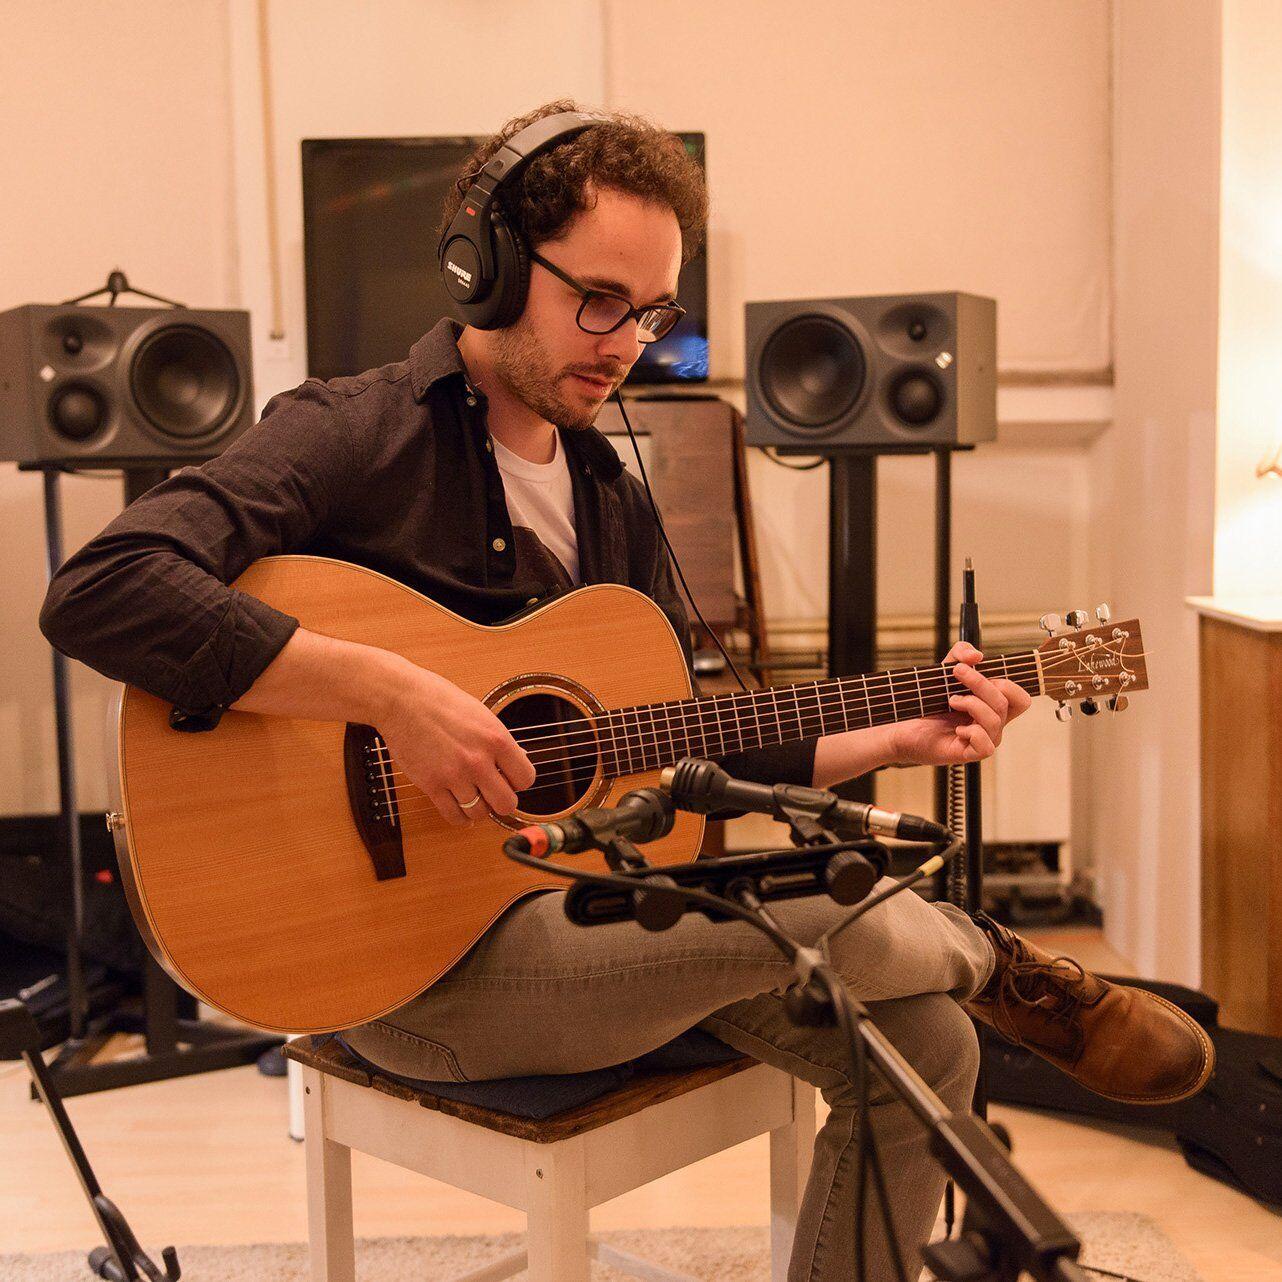 Florijan van der Holz im Studio #1 spielt Akustikgitarre ein. Florijan van der Holz – Singer-Songwriter Folk-Pop aus Stuttgart